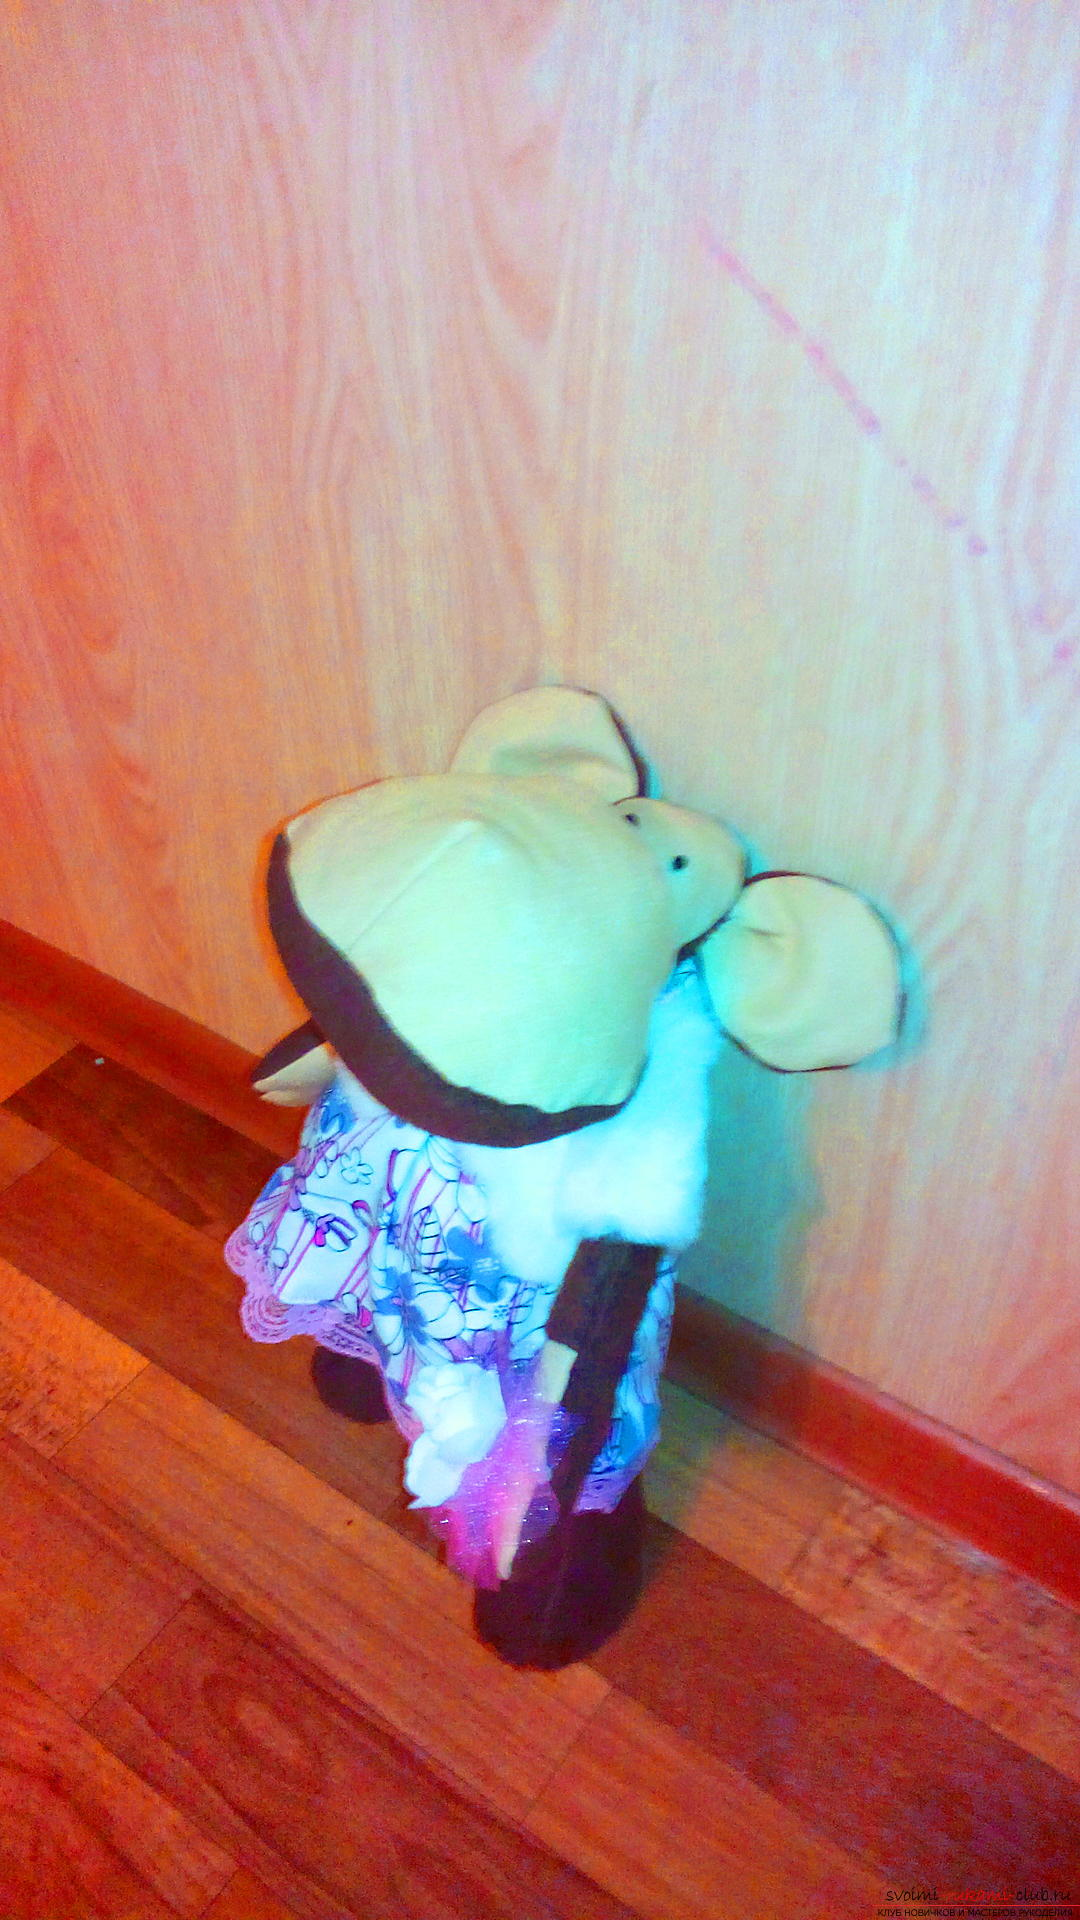 В качестве подарка на Новый гд 2016 я решила сшить непростую обезьяну, а создать игрушку в стиле тильда.. Фото №2